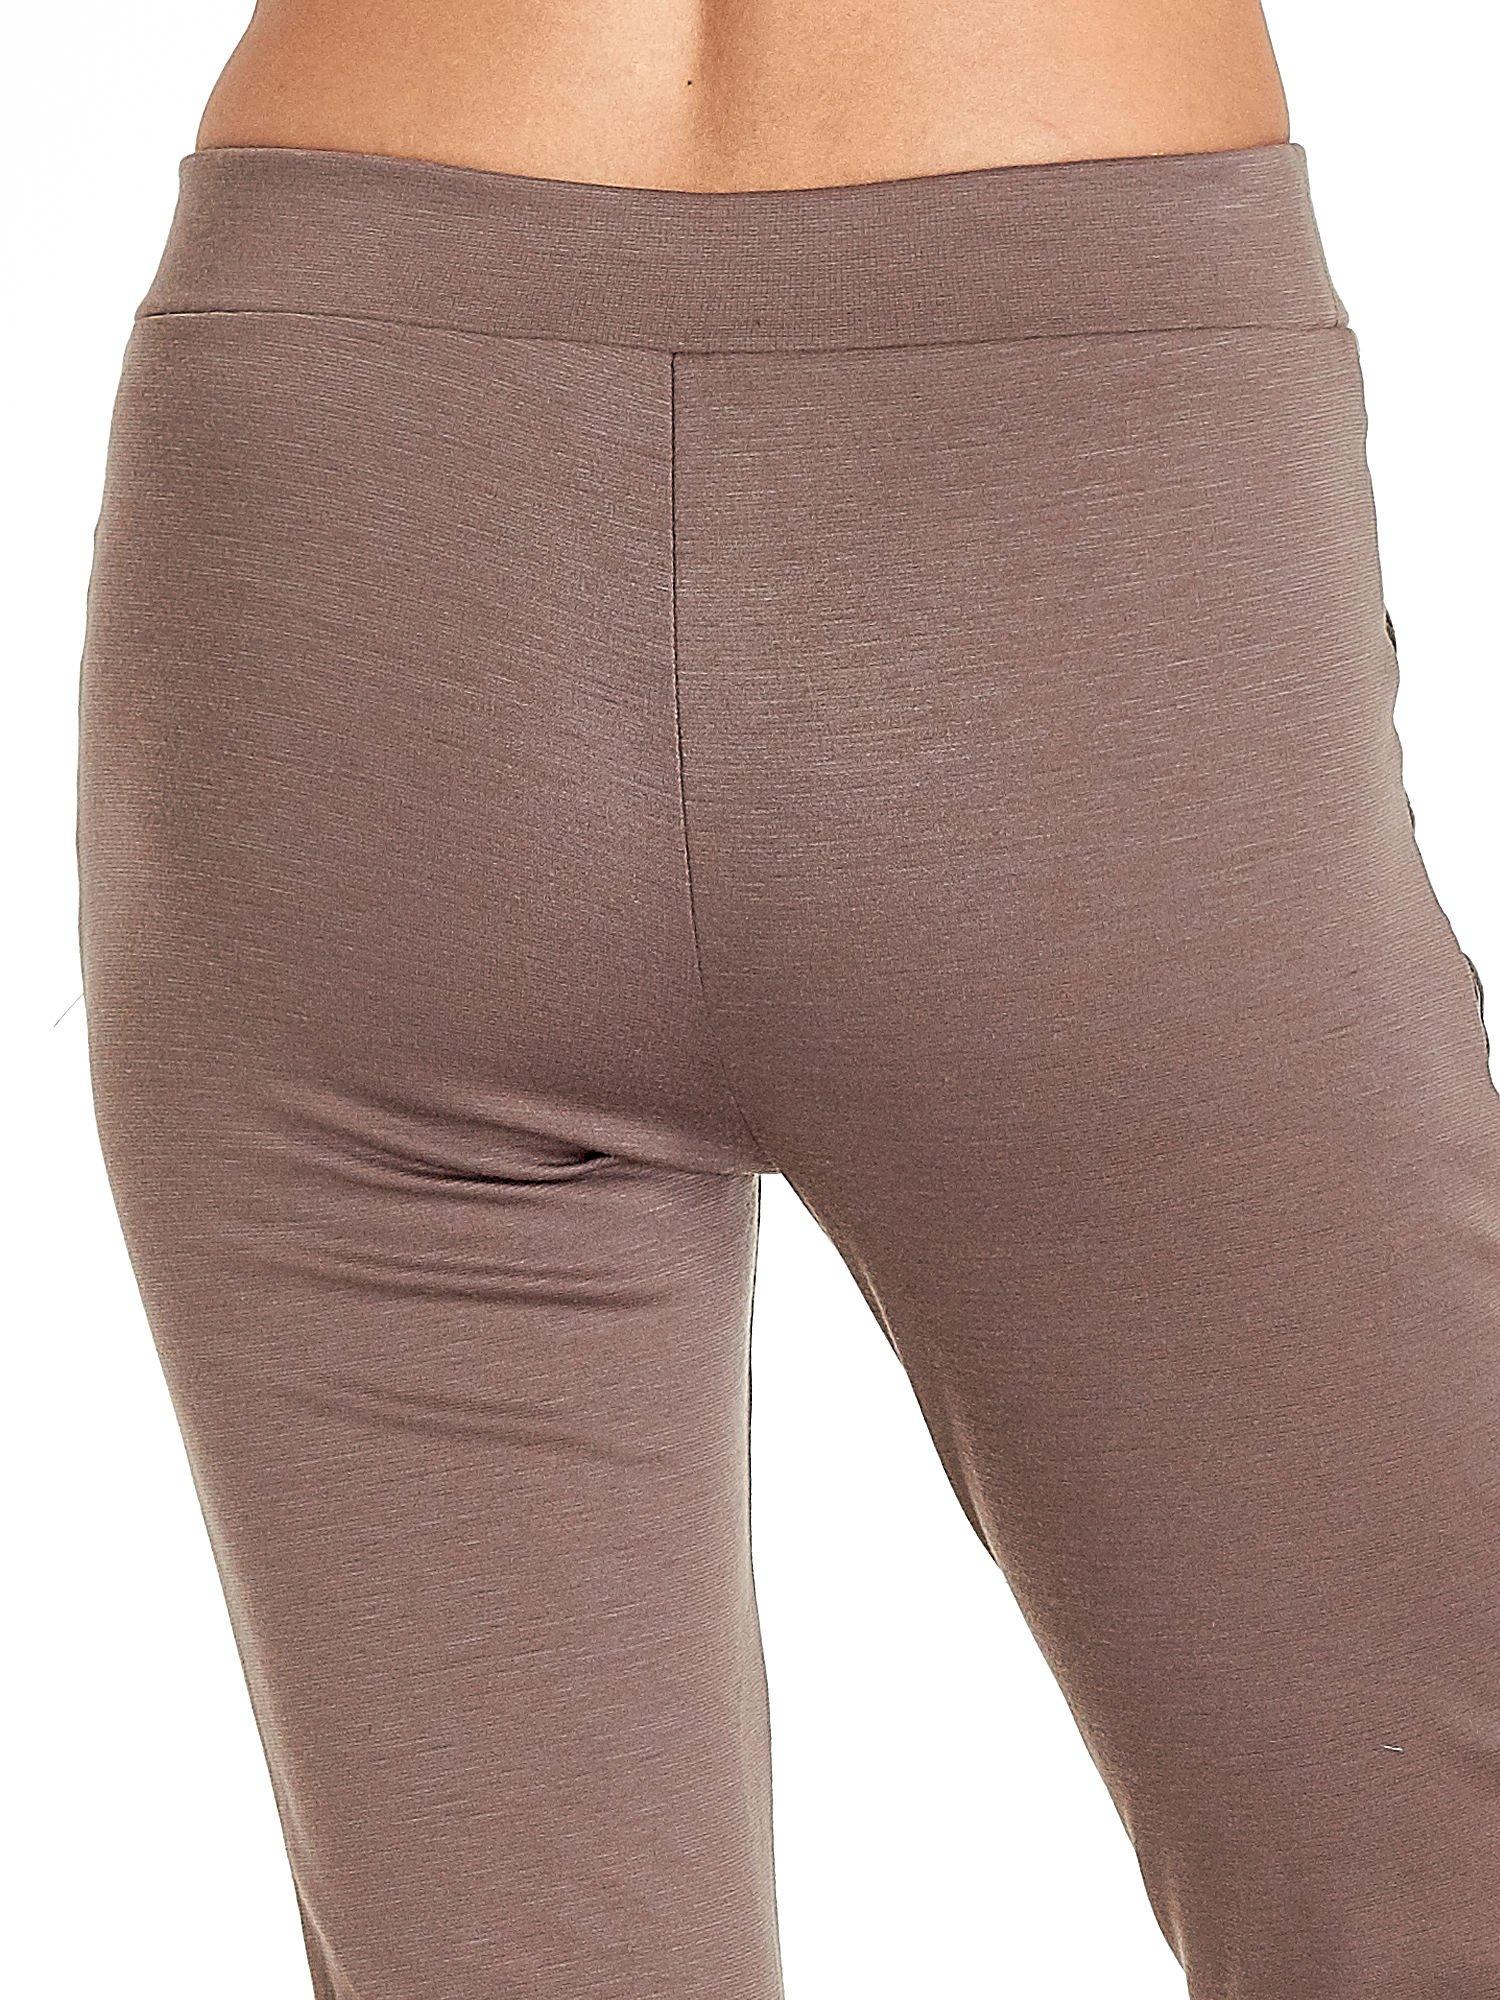 Brązowe spodnie w stylu motocyklowym ze skórzanymi wstawkami i suwakami                                  zdj.                                  6